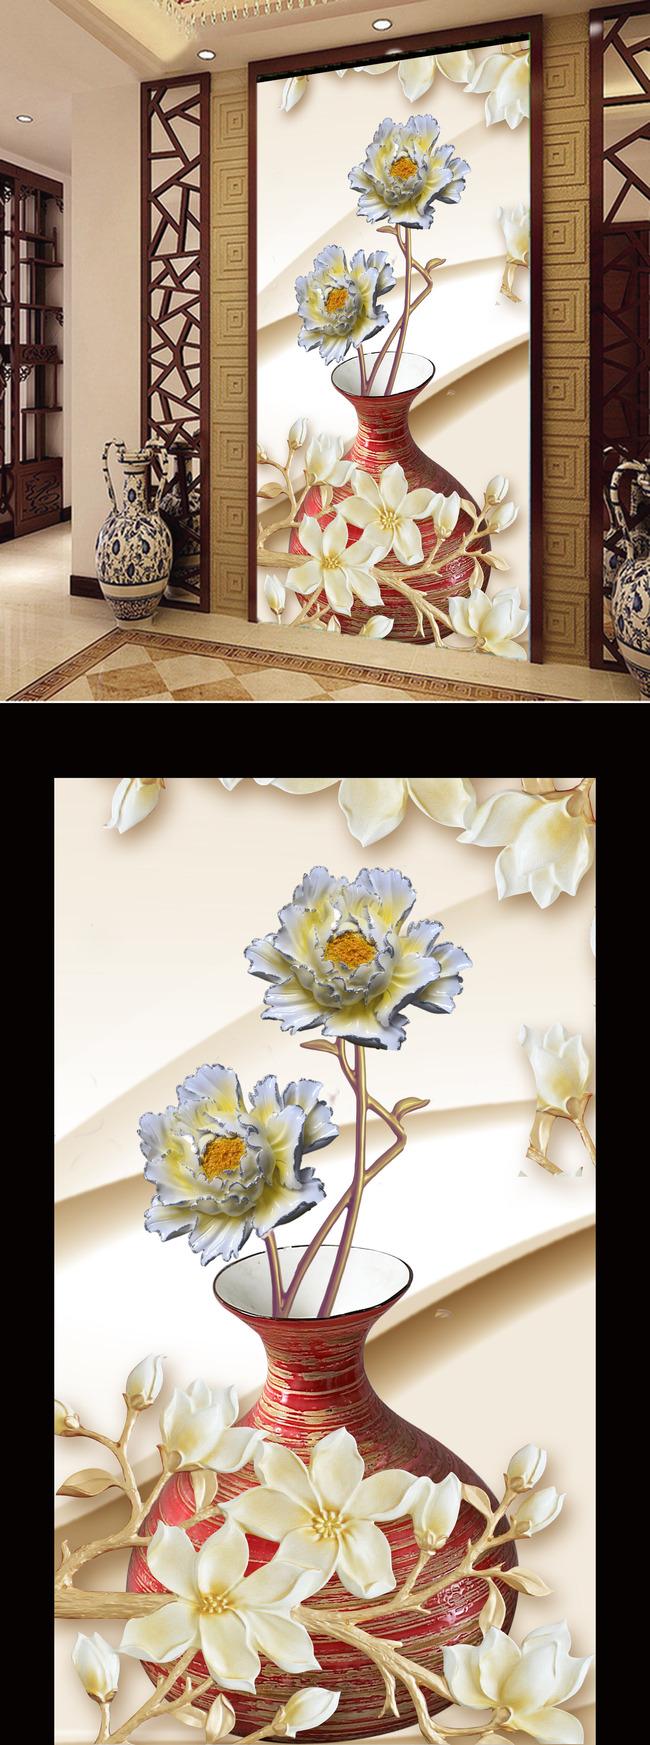 背景墙|装饰画 玄关 浮雕玄关 > 浮雕花朵玉兰花壁画花瓶走廊玄关